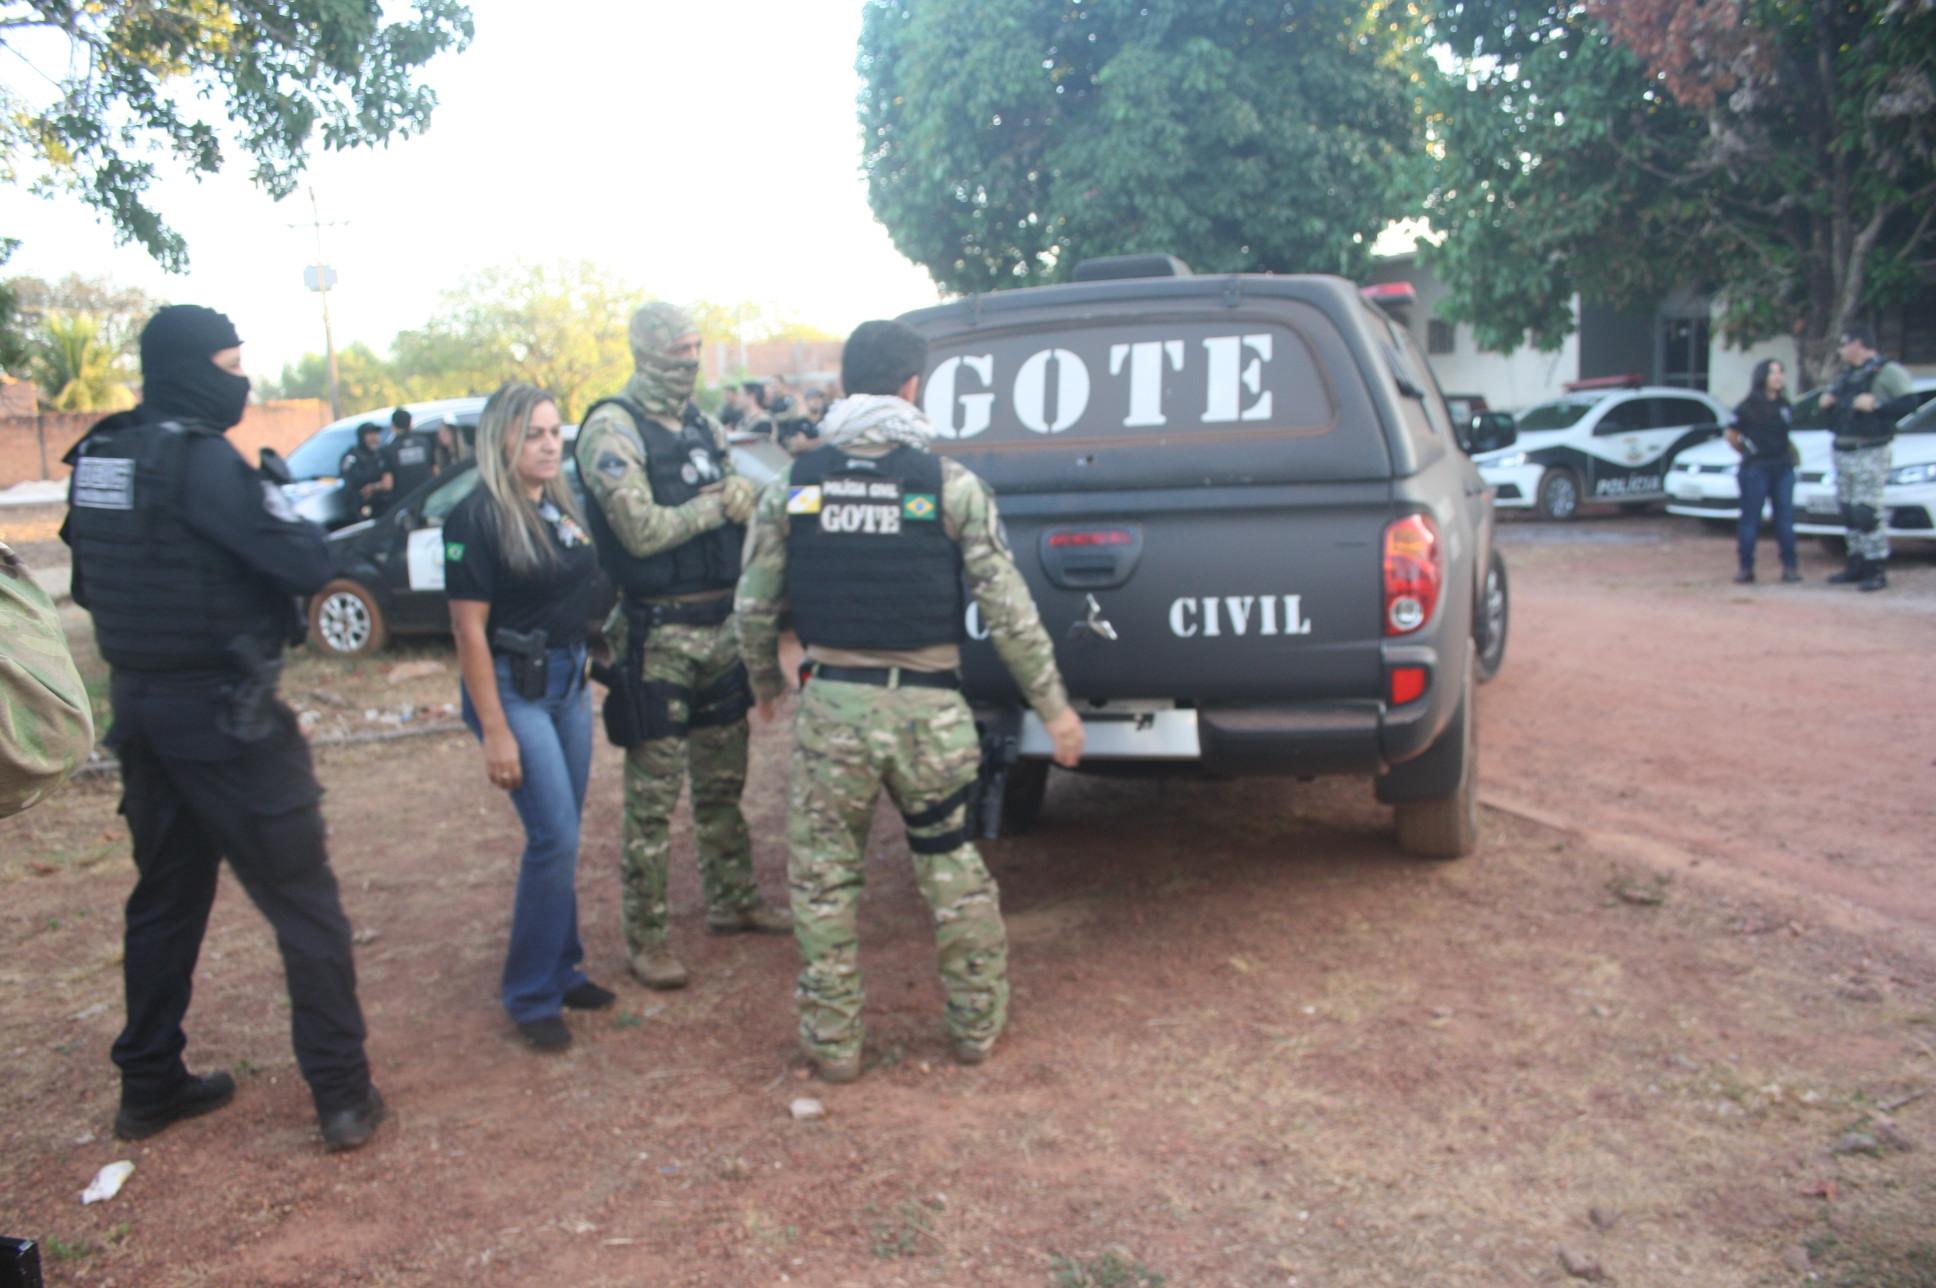 GOTE participou da operação em Divinópolis - Foto: Edsom Gilmar/Arquivo